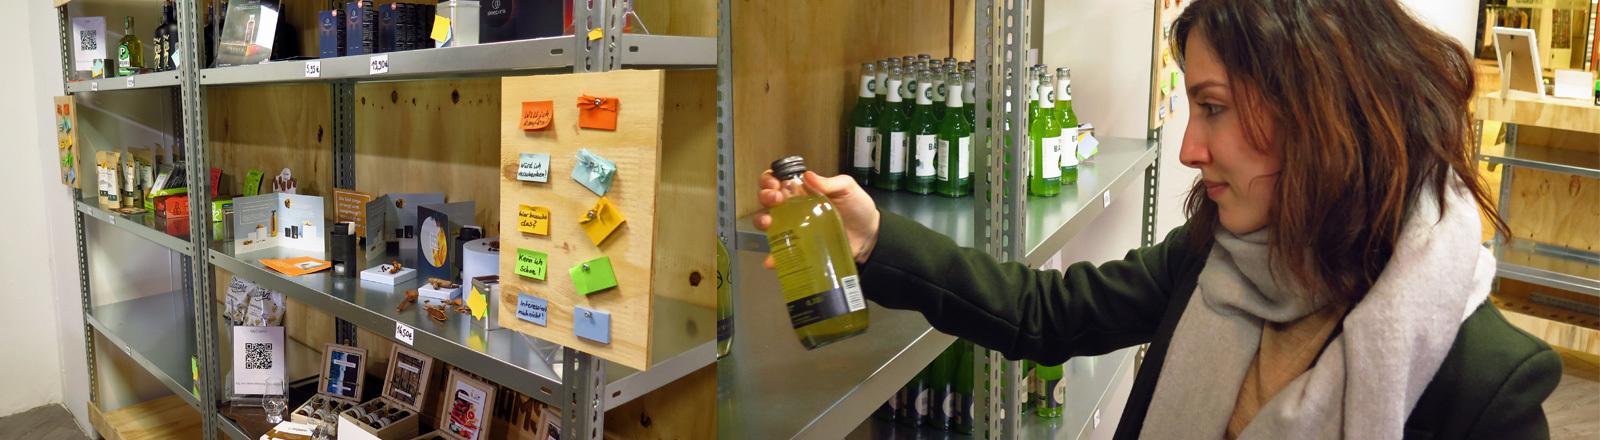 Eindrücke aus dem Start-Up-Supermarkt in Berlin, wo es Produkte zu kaufen gibt, die noch nicht auf dem Markt sind.